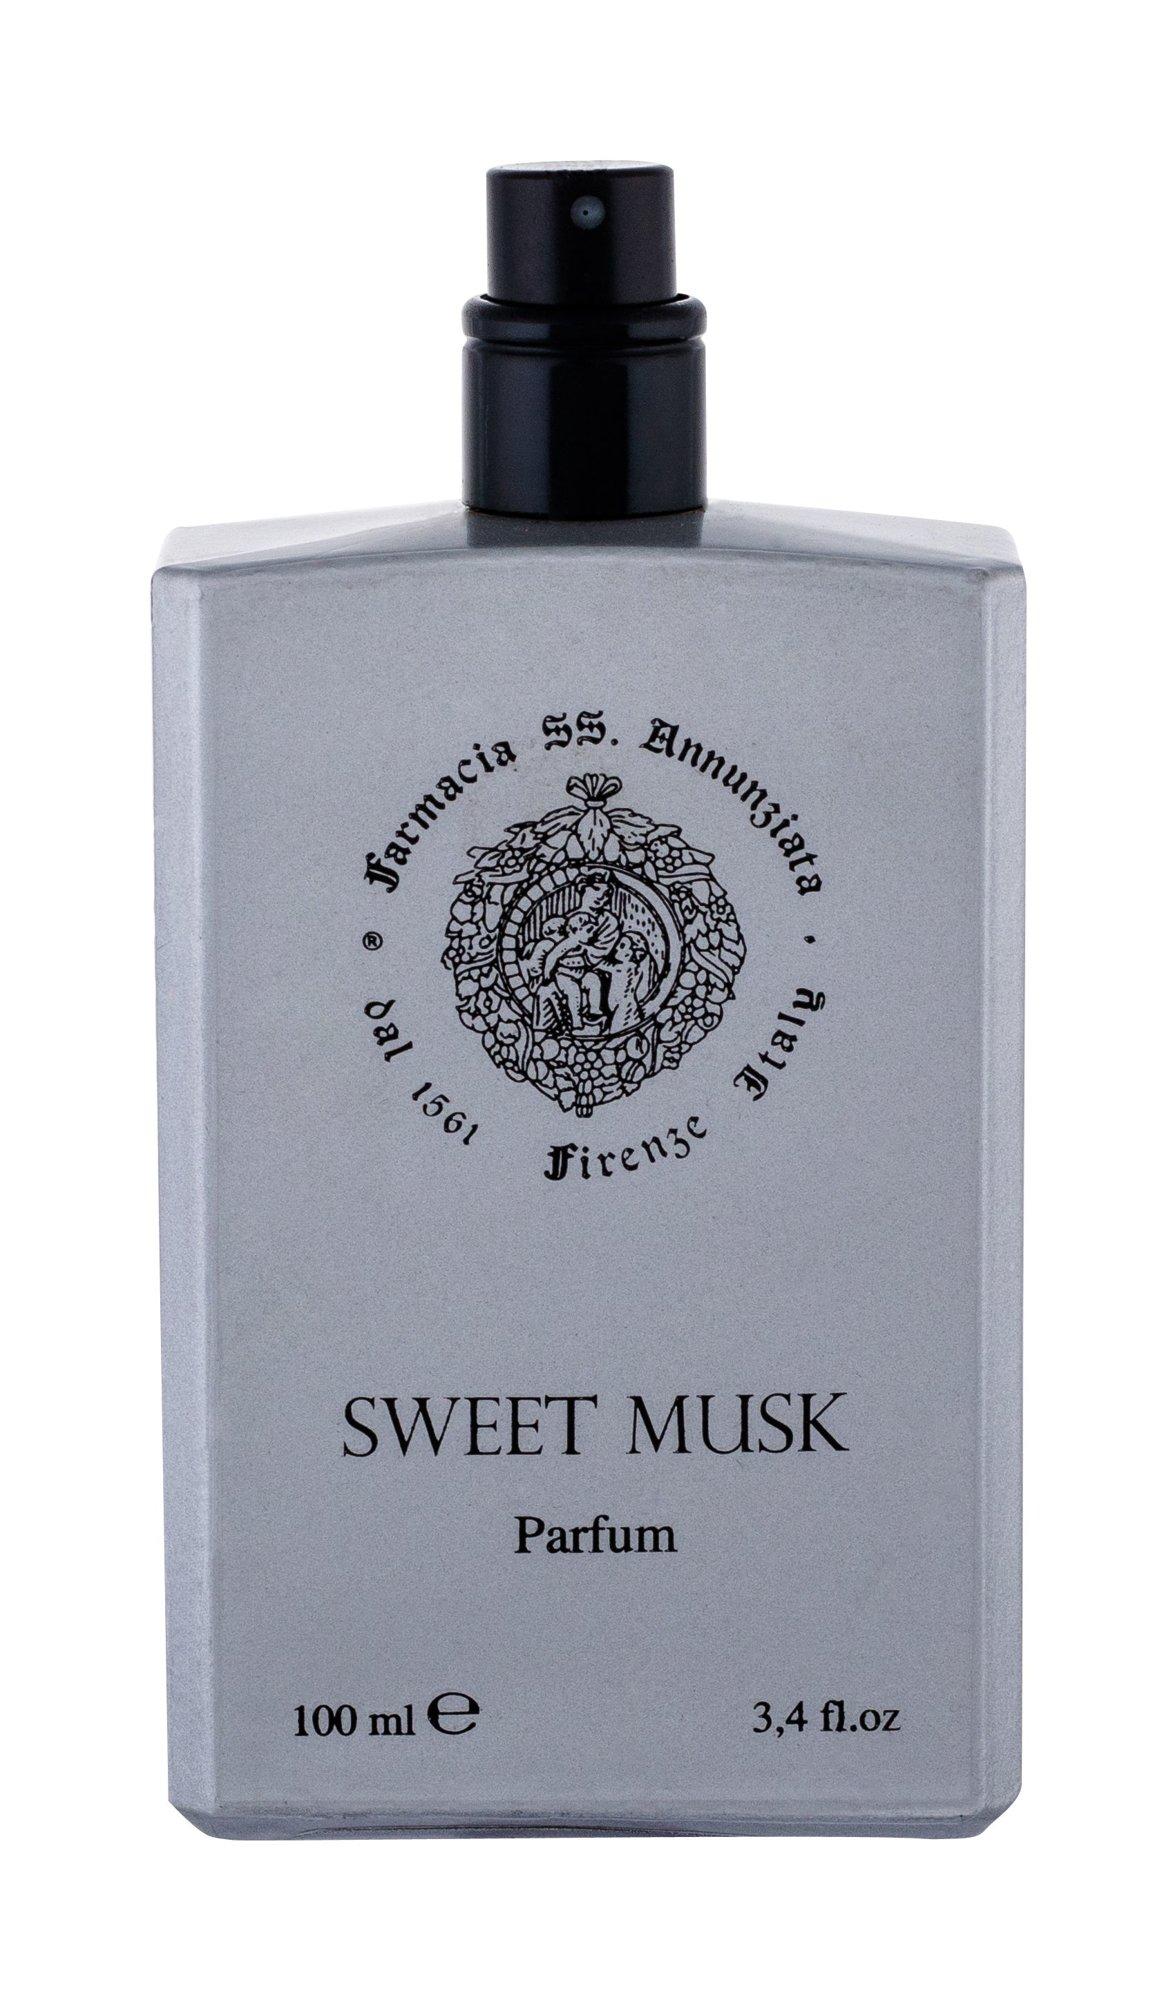 Farmacia SS. Annunziata Sweet Musk Perfume 100ml